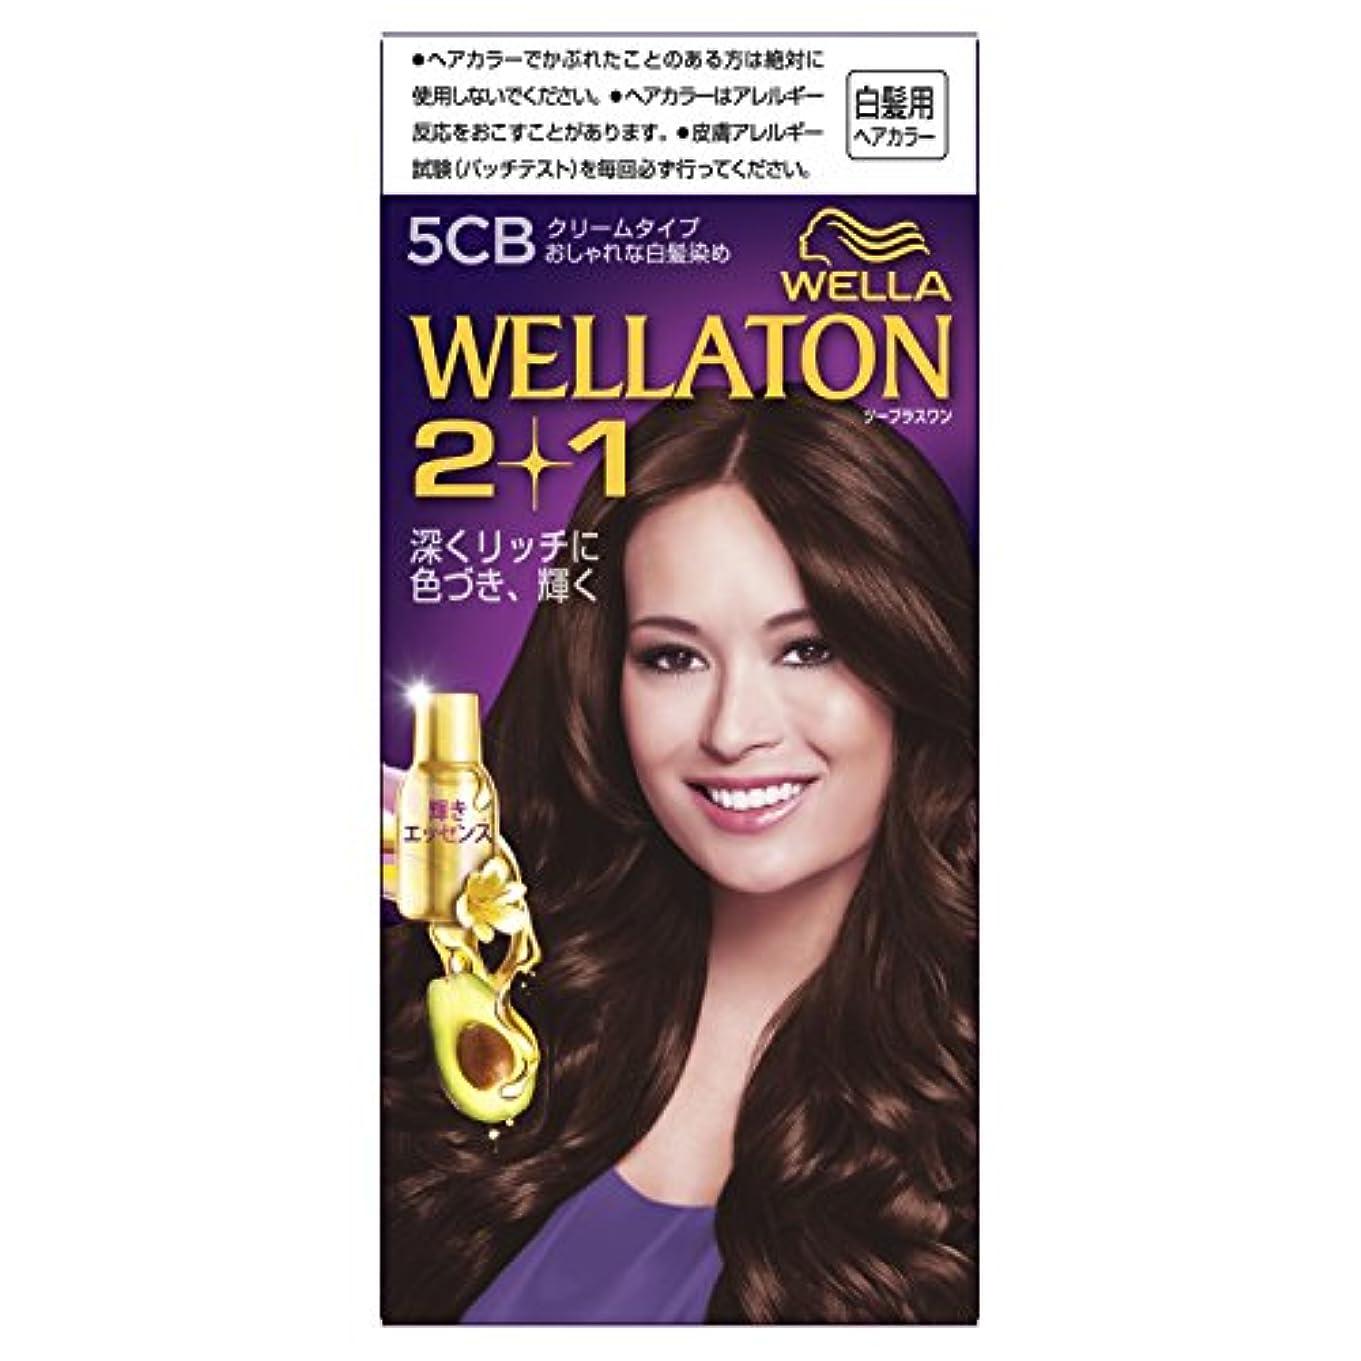 ウエラトーン2+1 クリームタイプ 5CB [医薬部外品](おしゃれな白髪染め)